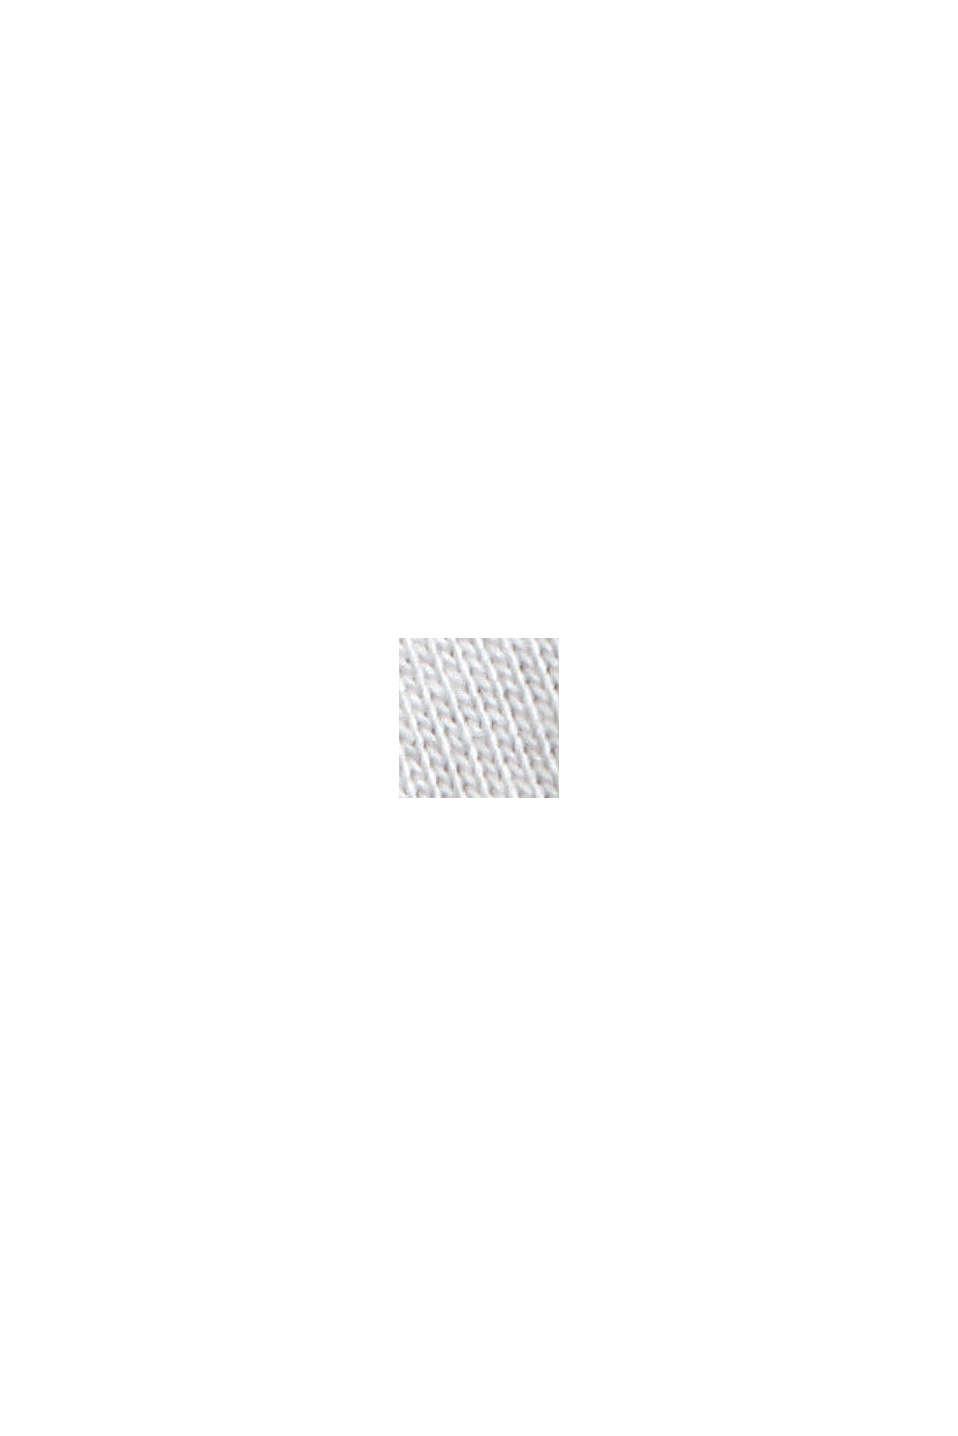 Longsleeve met opstaande kraag van 100% biologisch katoen, OFF WHITE, swatch